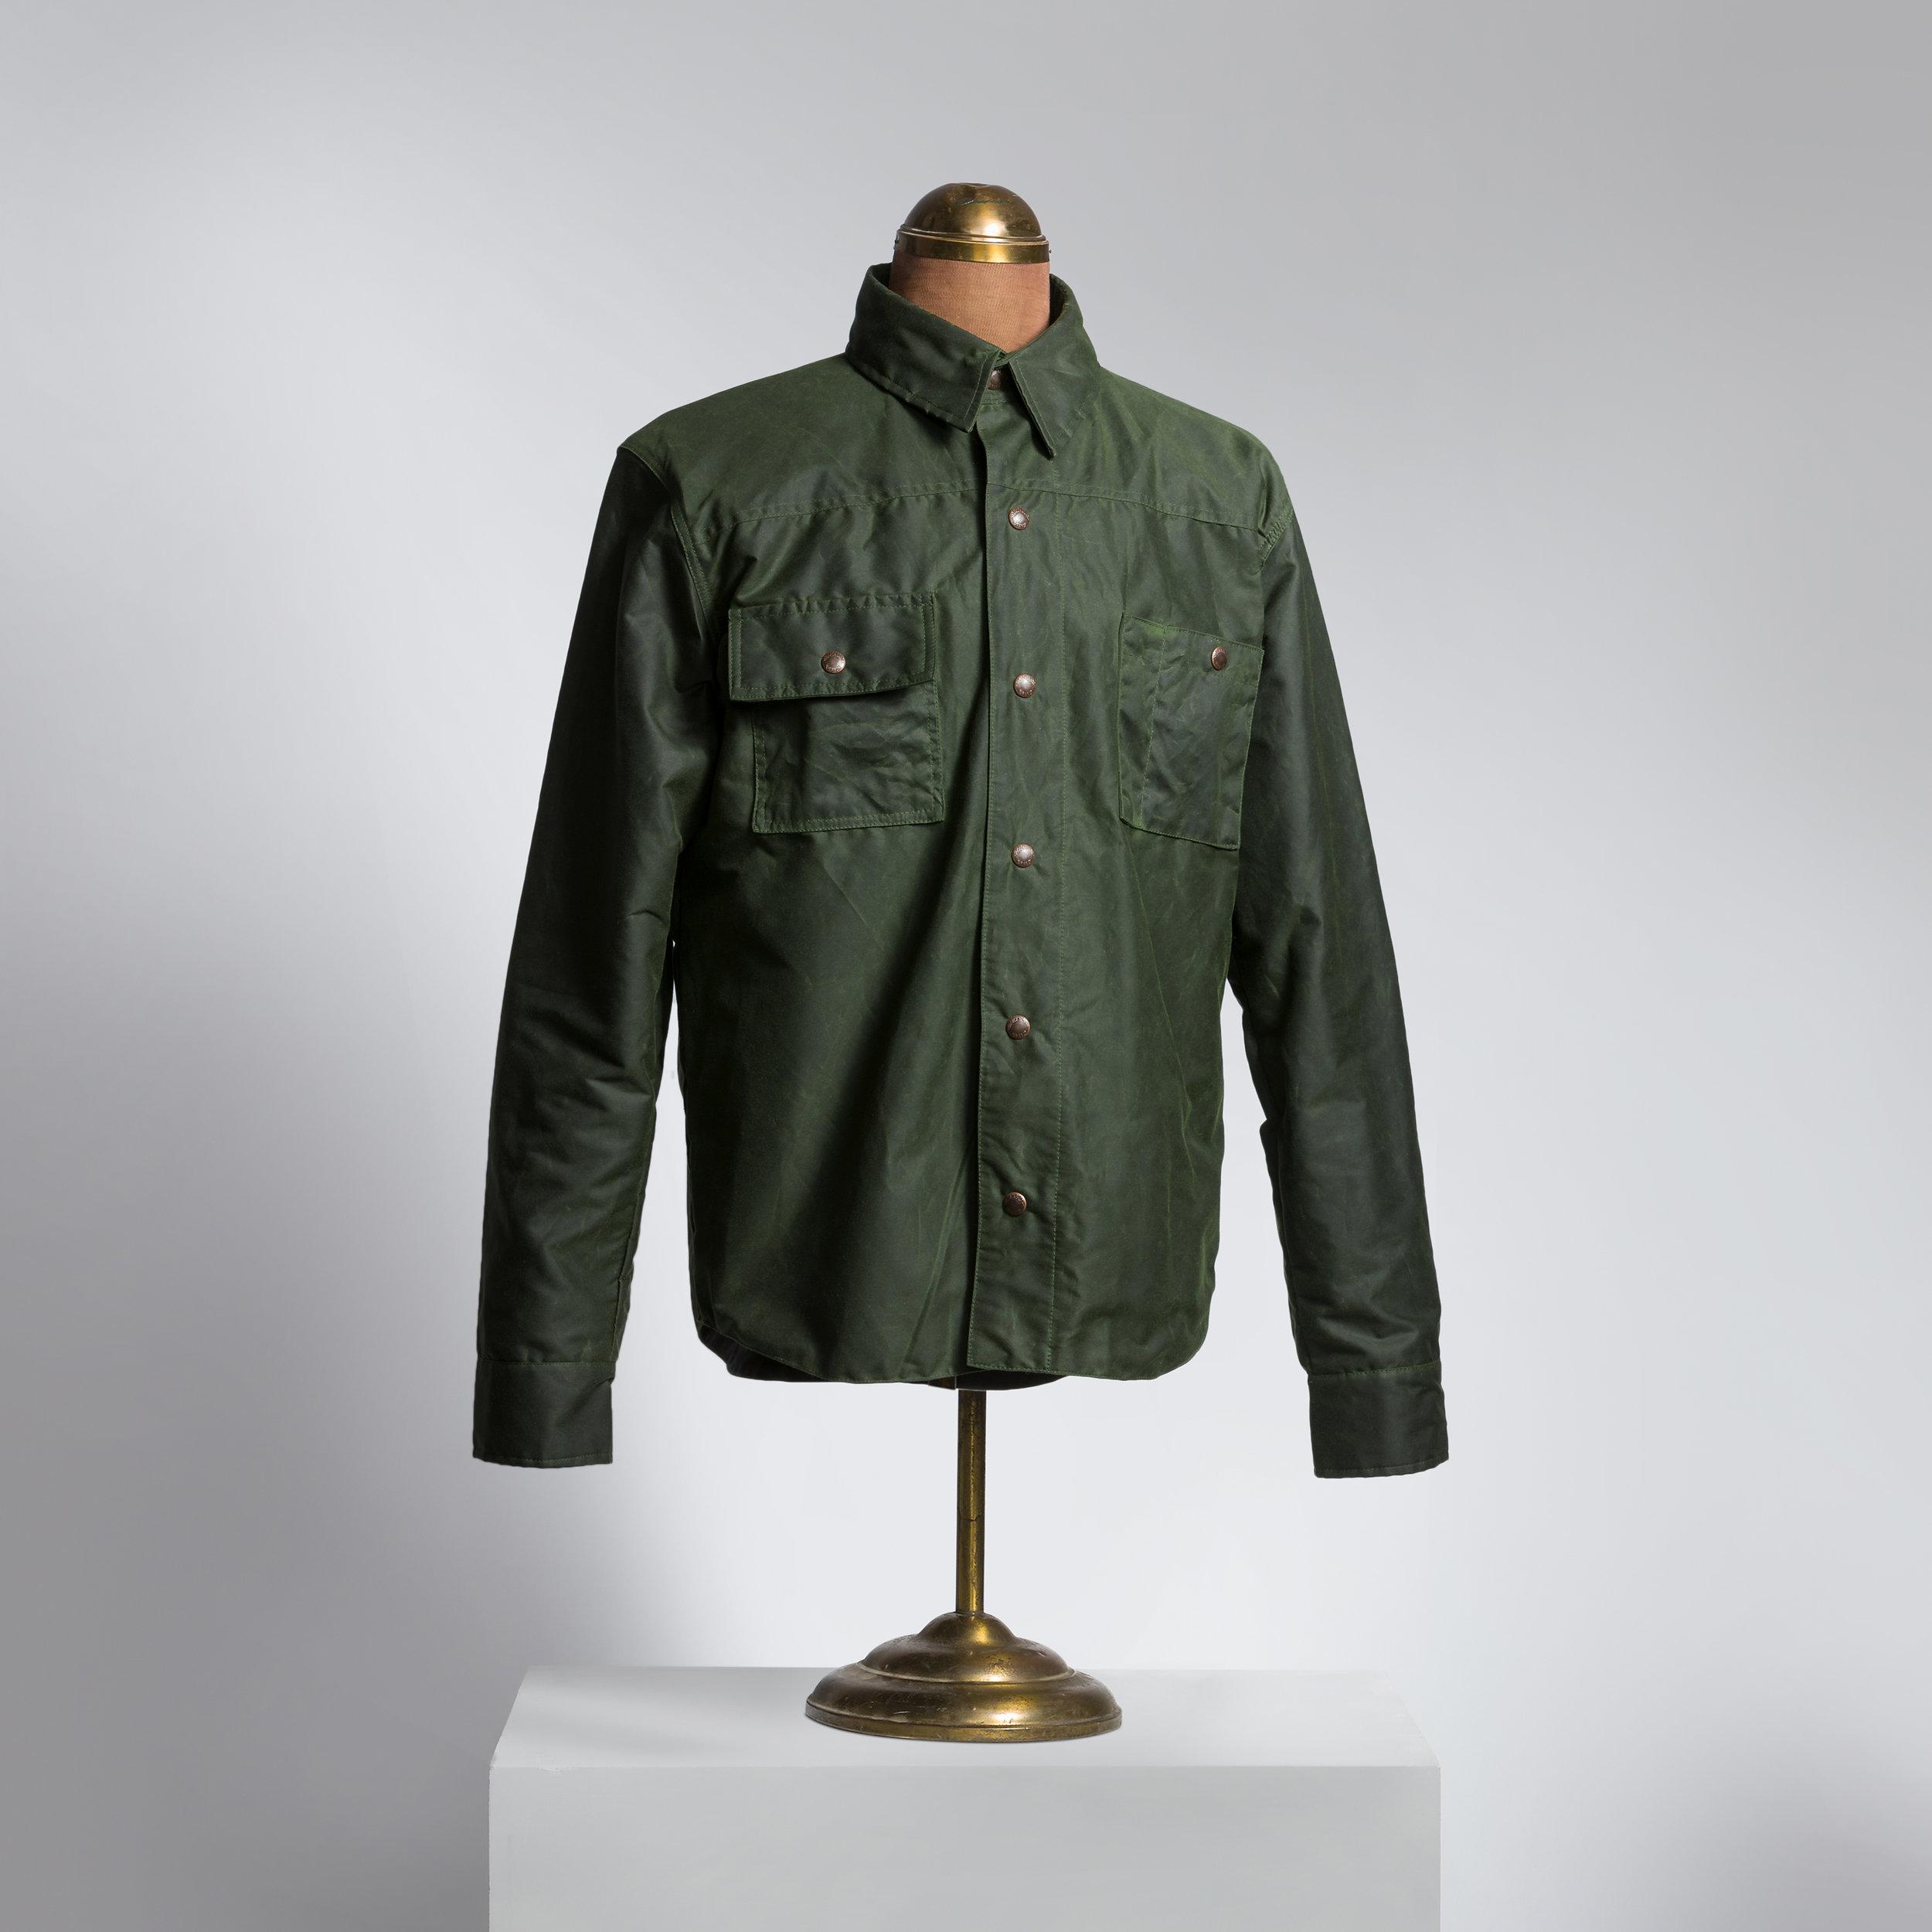 Brewster hunter Green Wax Canvas Shirt/Jacket